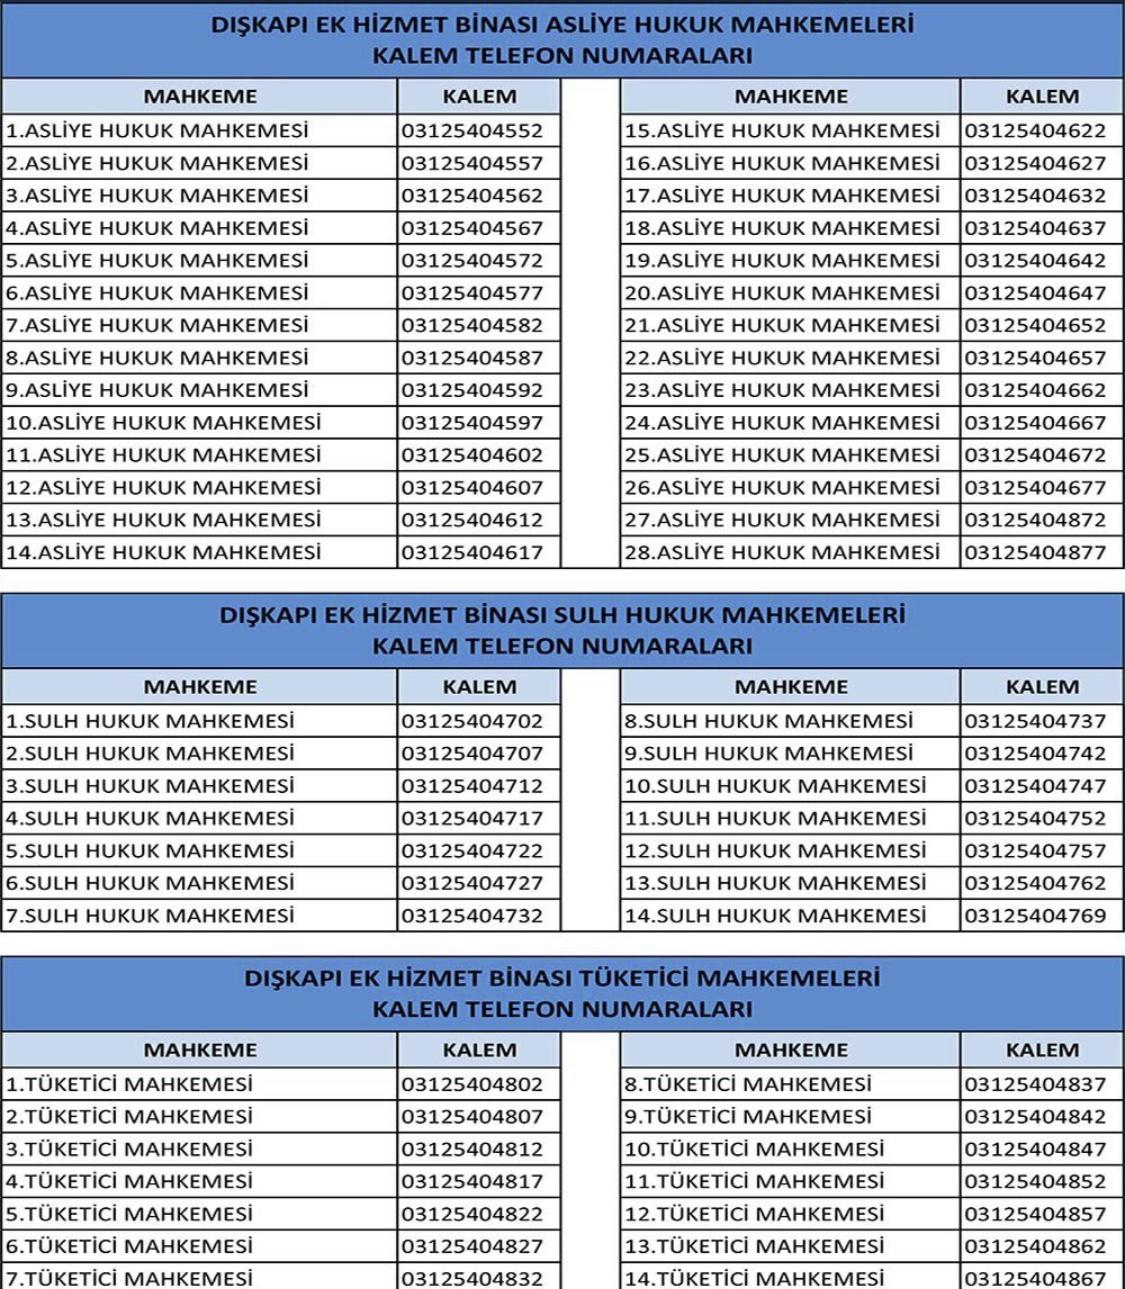 Ankara Adliyesi Telefon numaraları